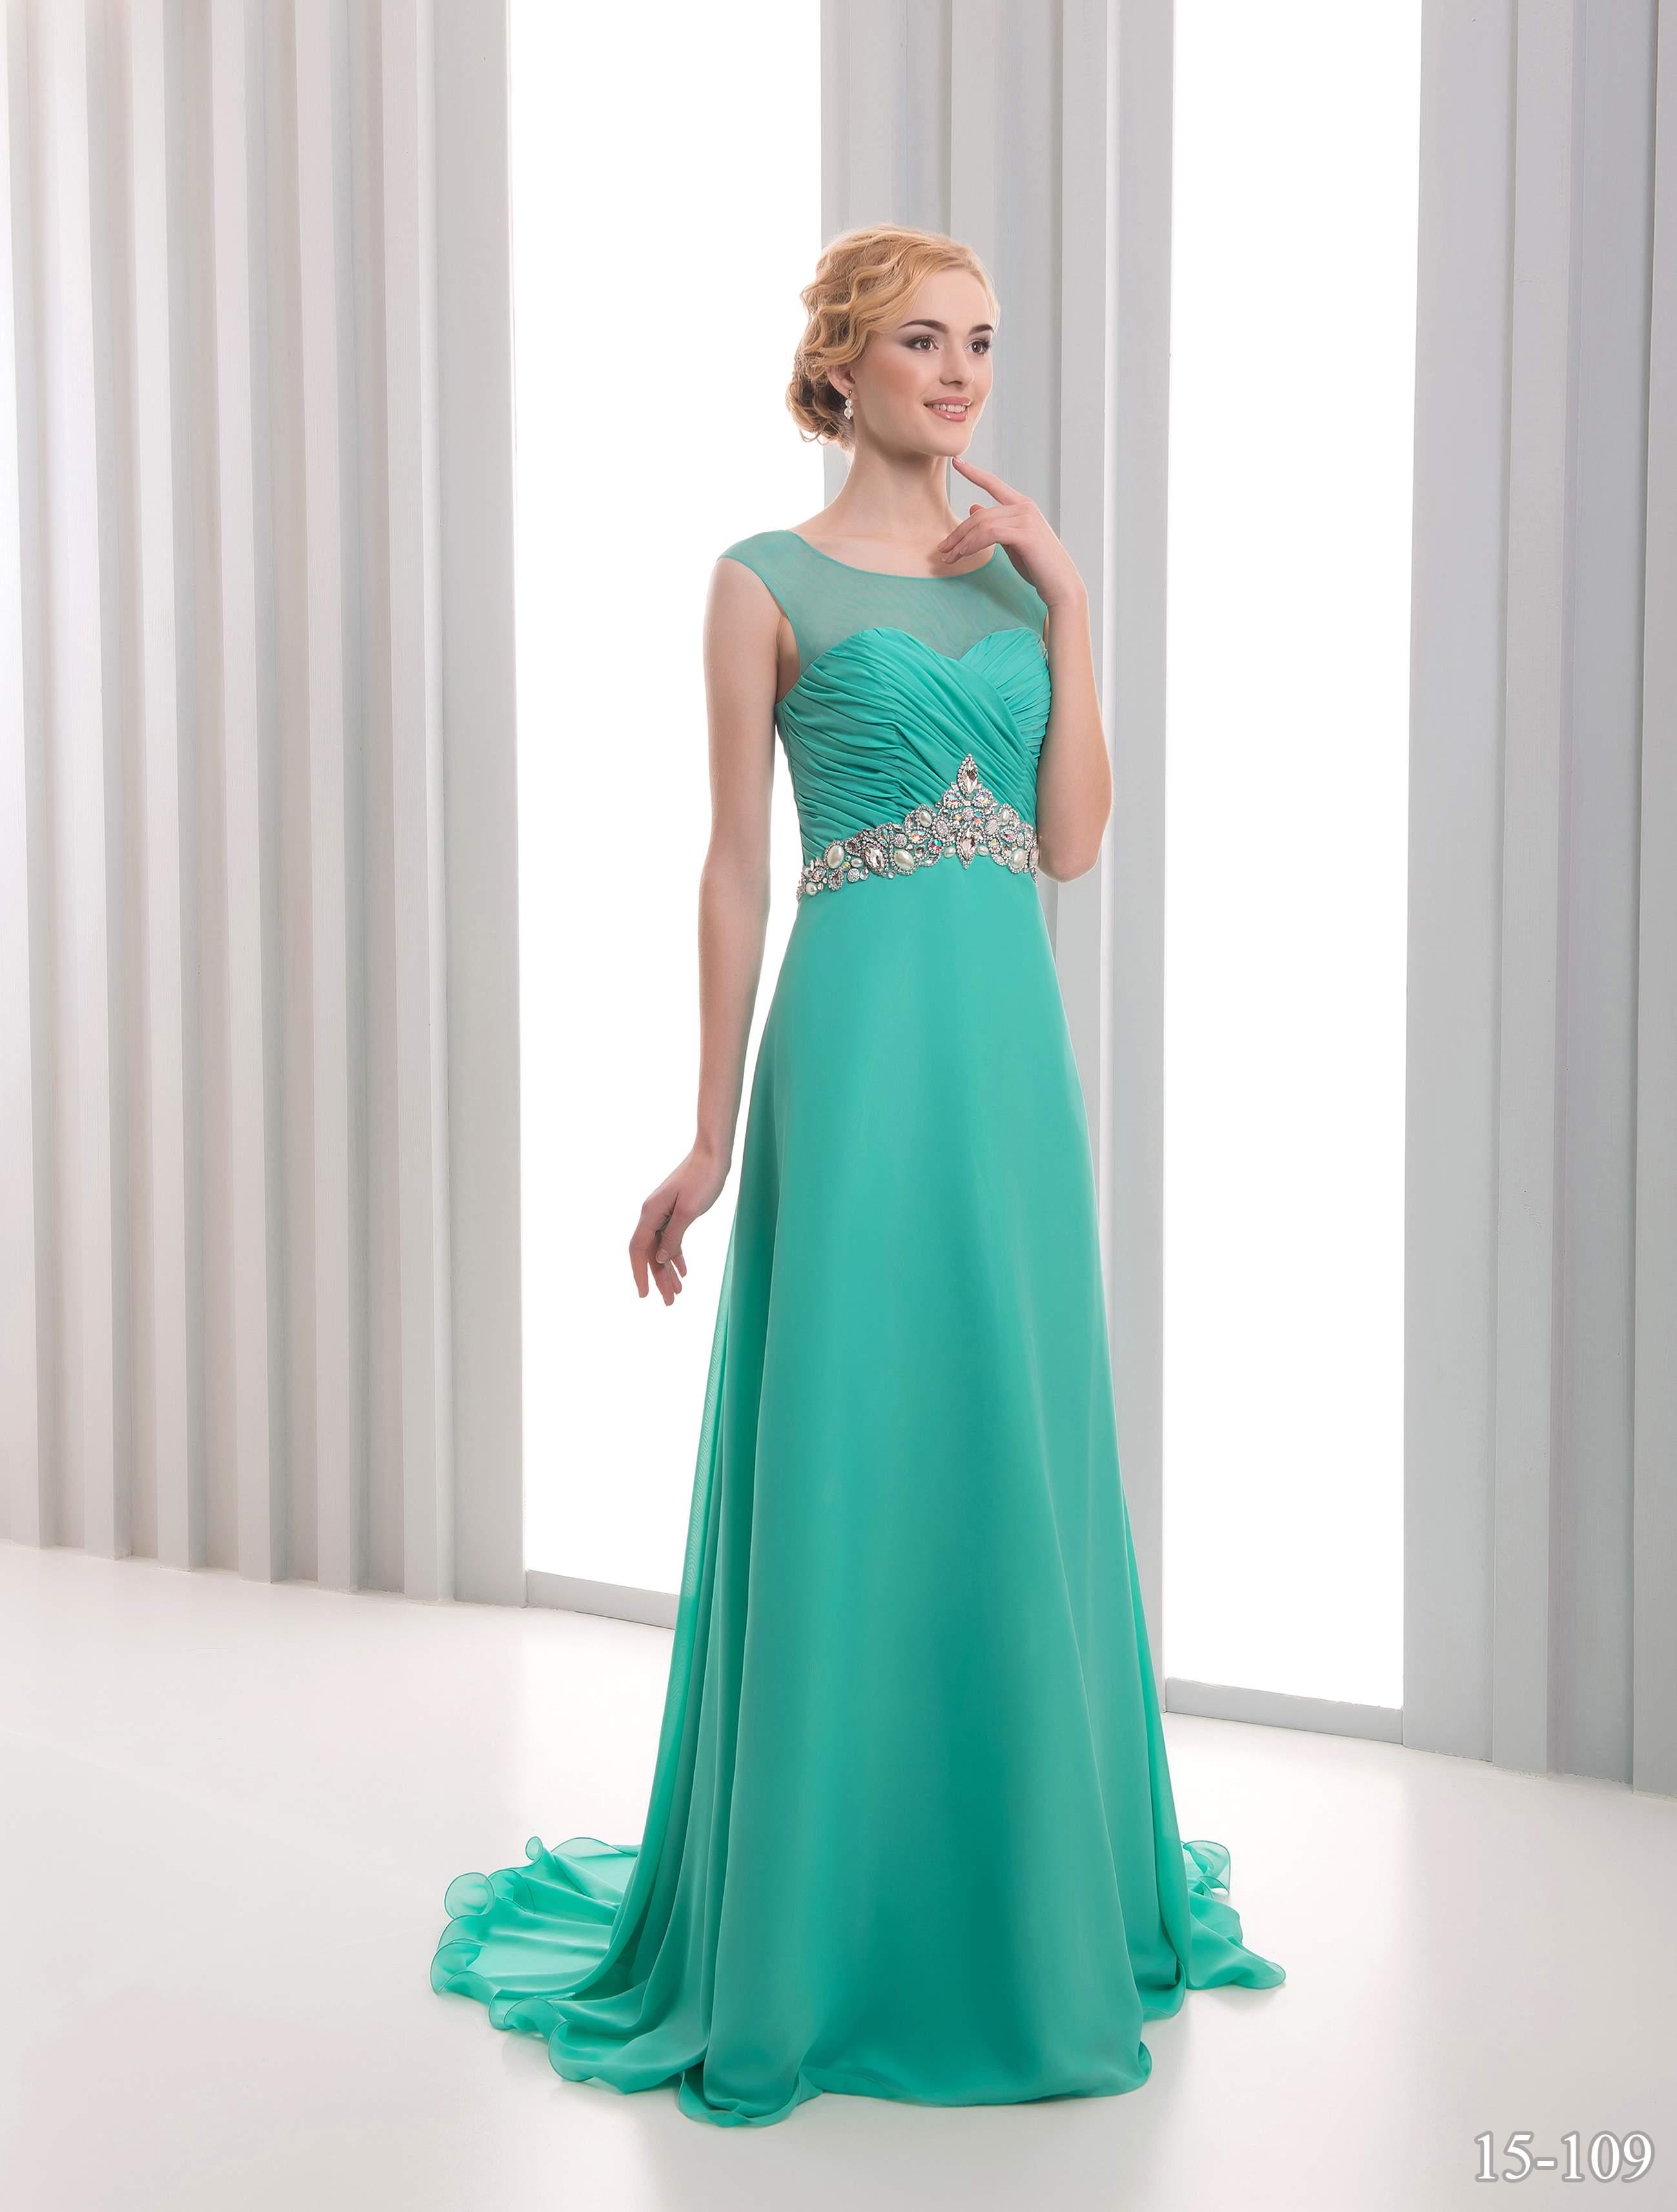 a426ff6ccc3a8e1 Y оптом выпускное платье украина - Модадром